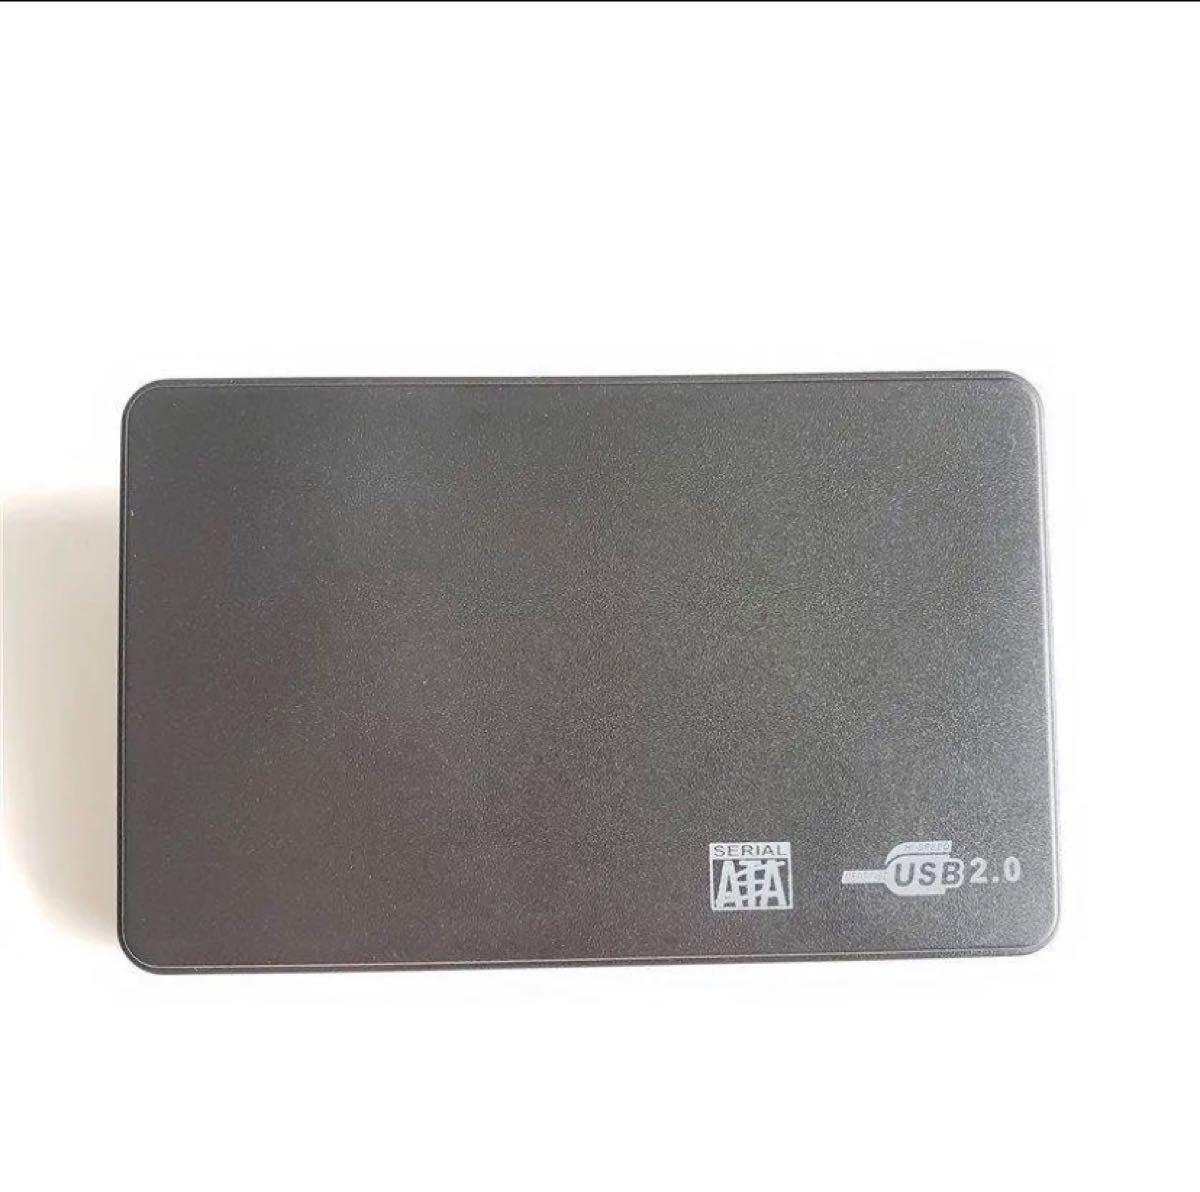 2.5インチ HDD/SSD ケース 接続 SATA 9.5mm/7mm対応 黒